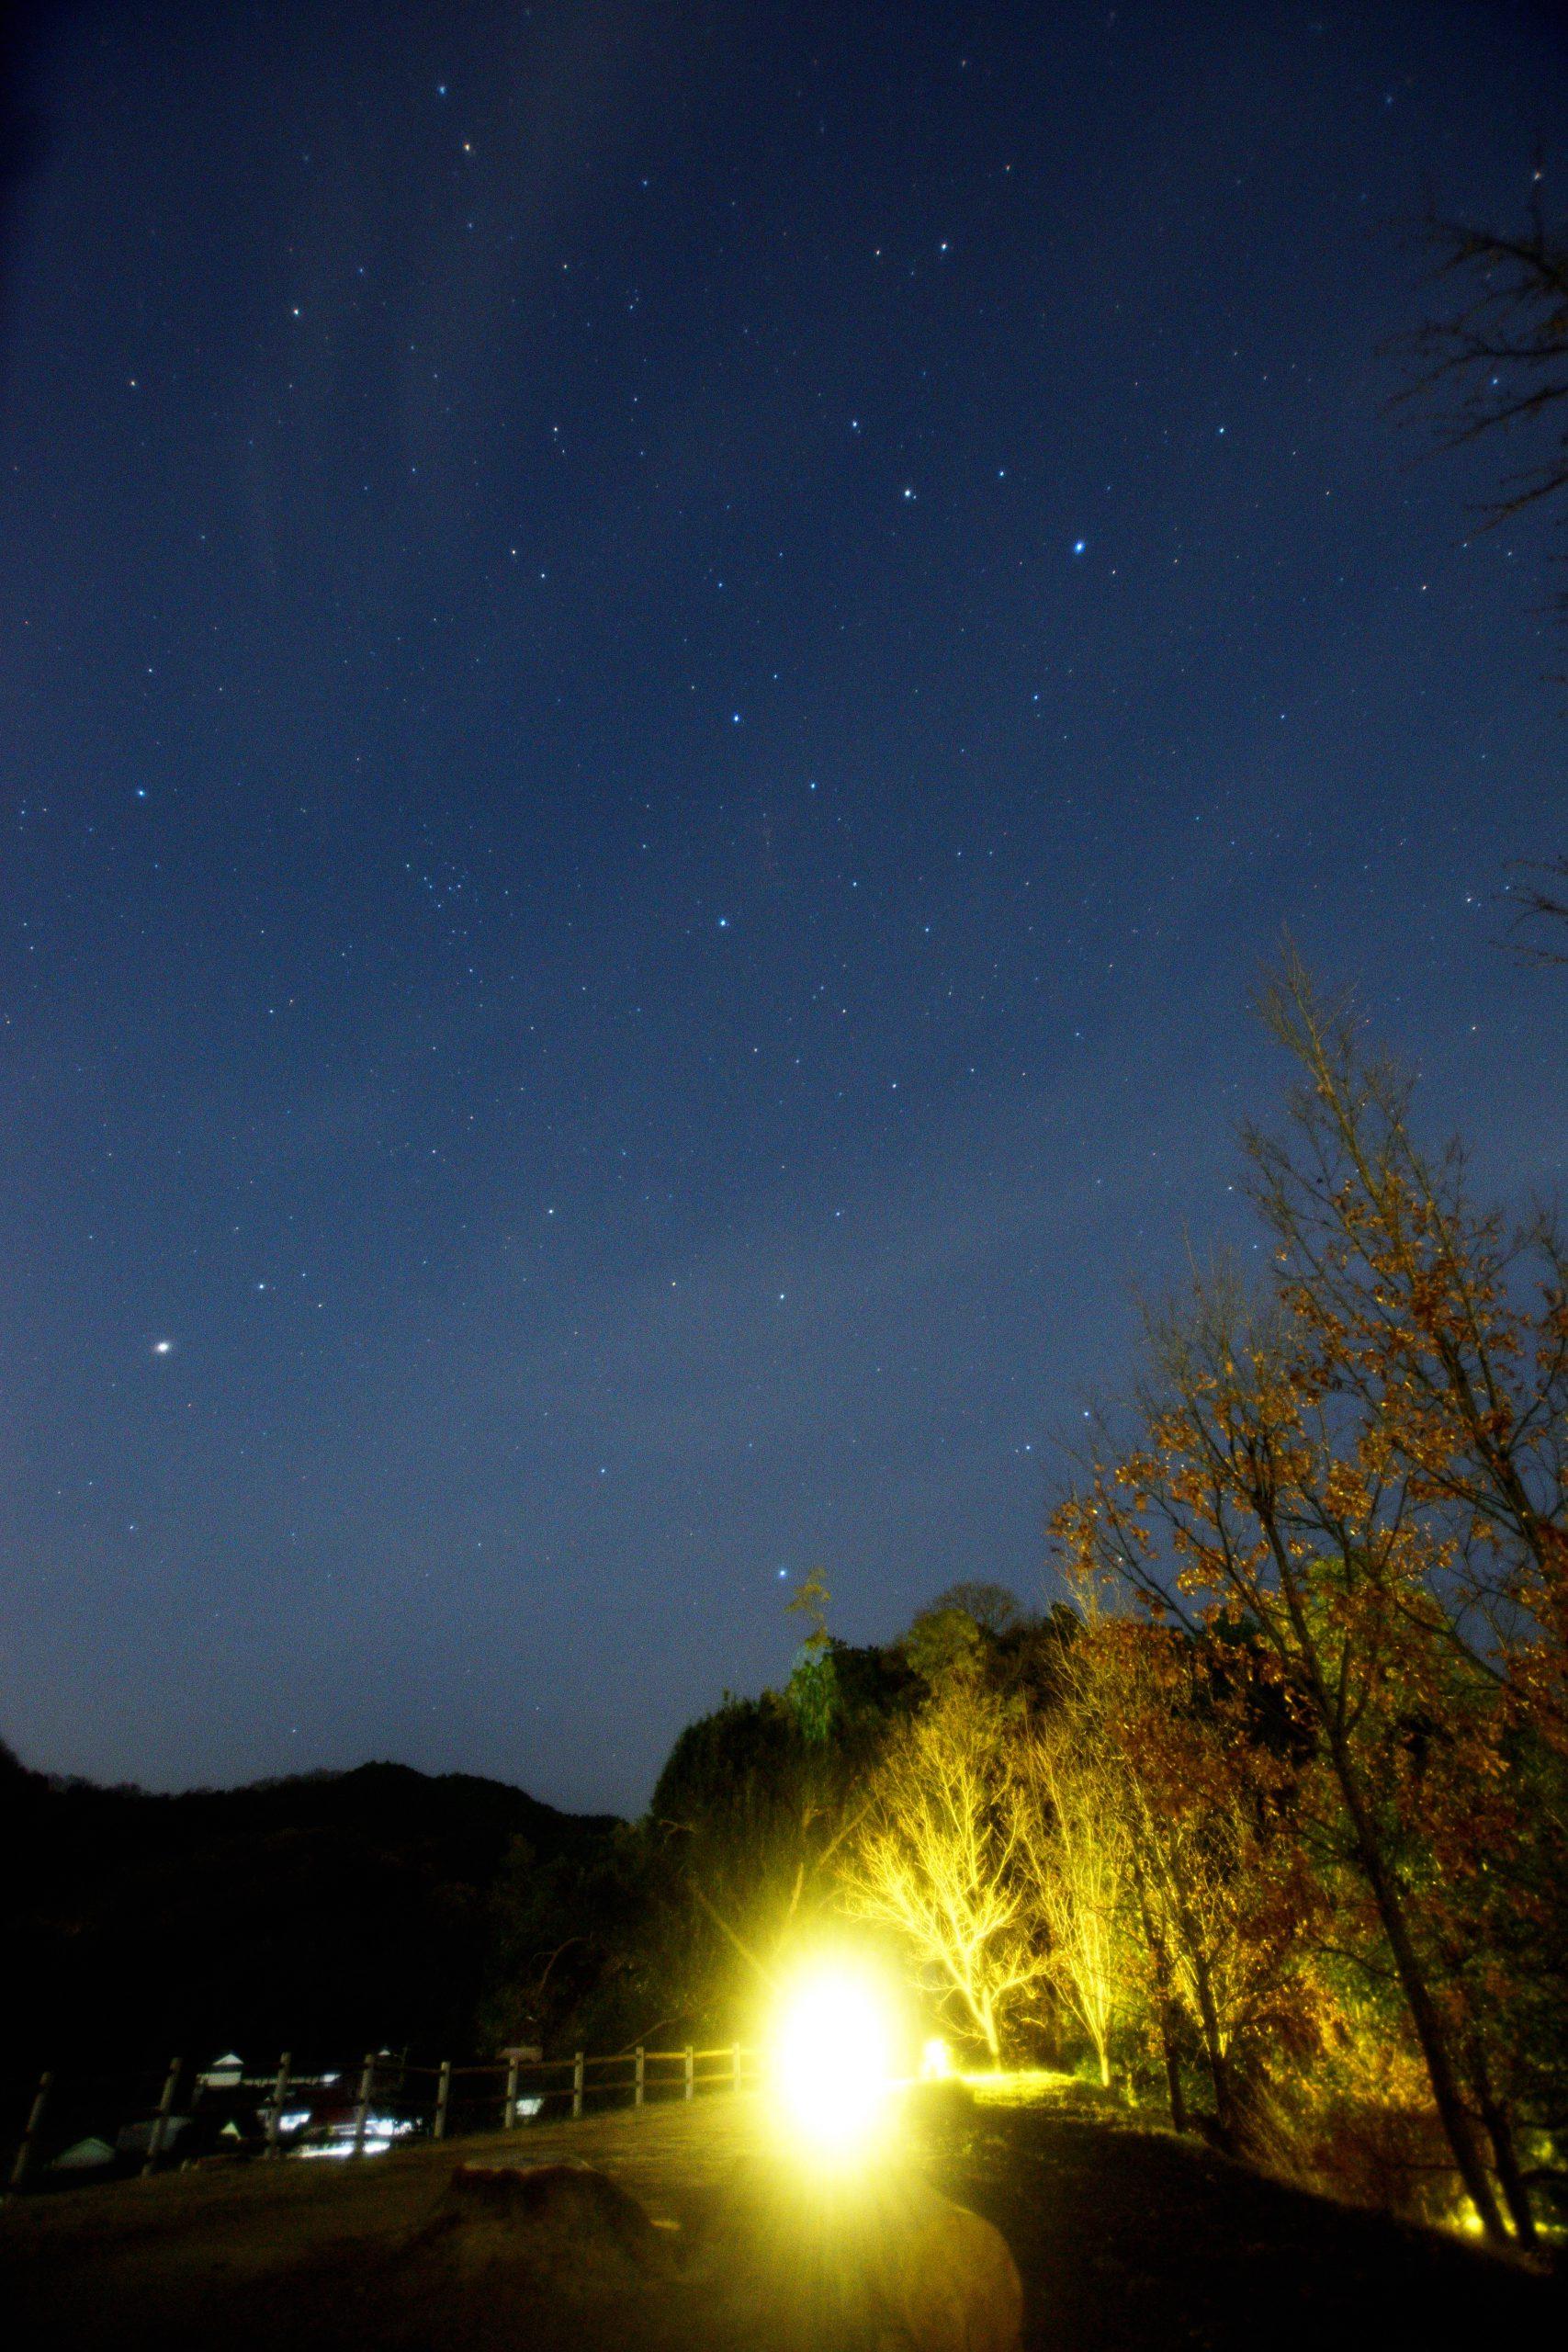 キトラ古墳展望台からしし座と春のダイヤモンド